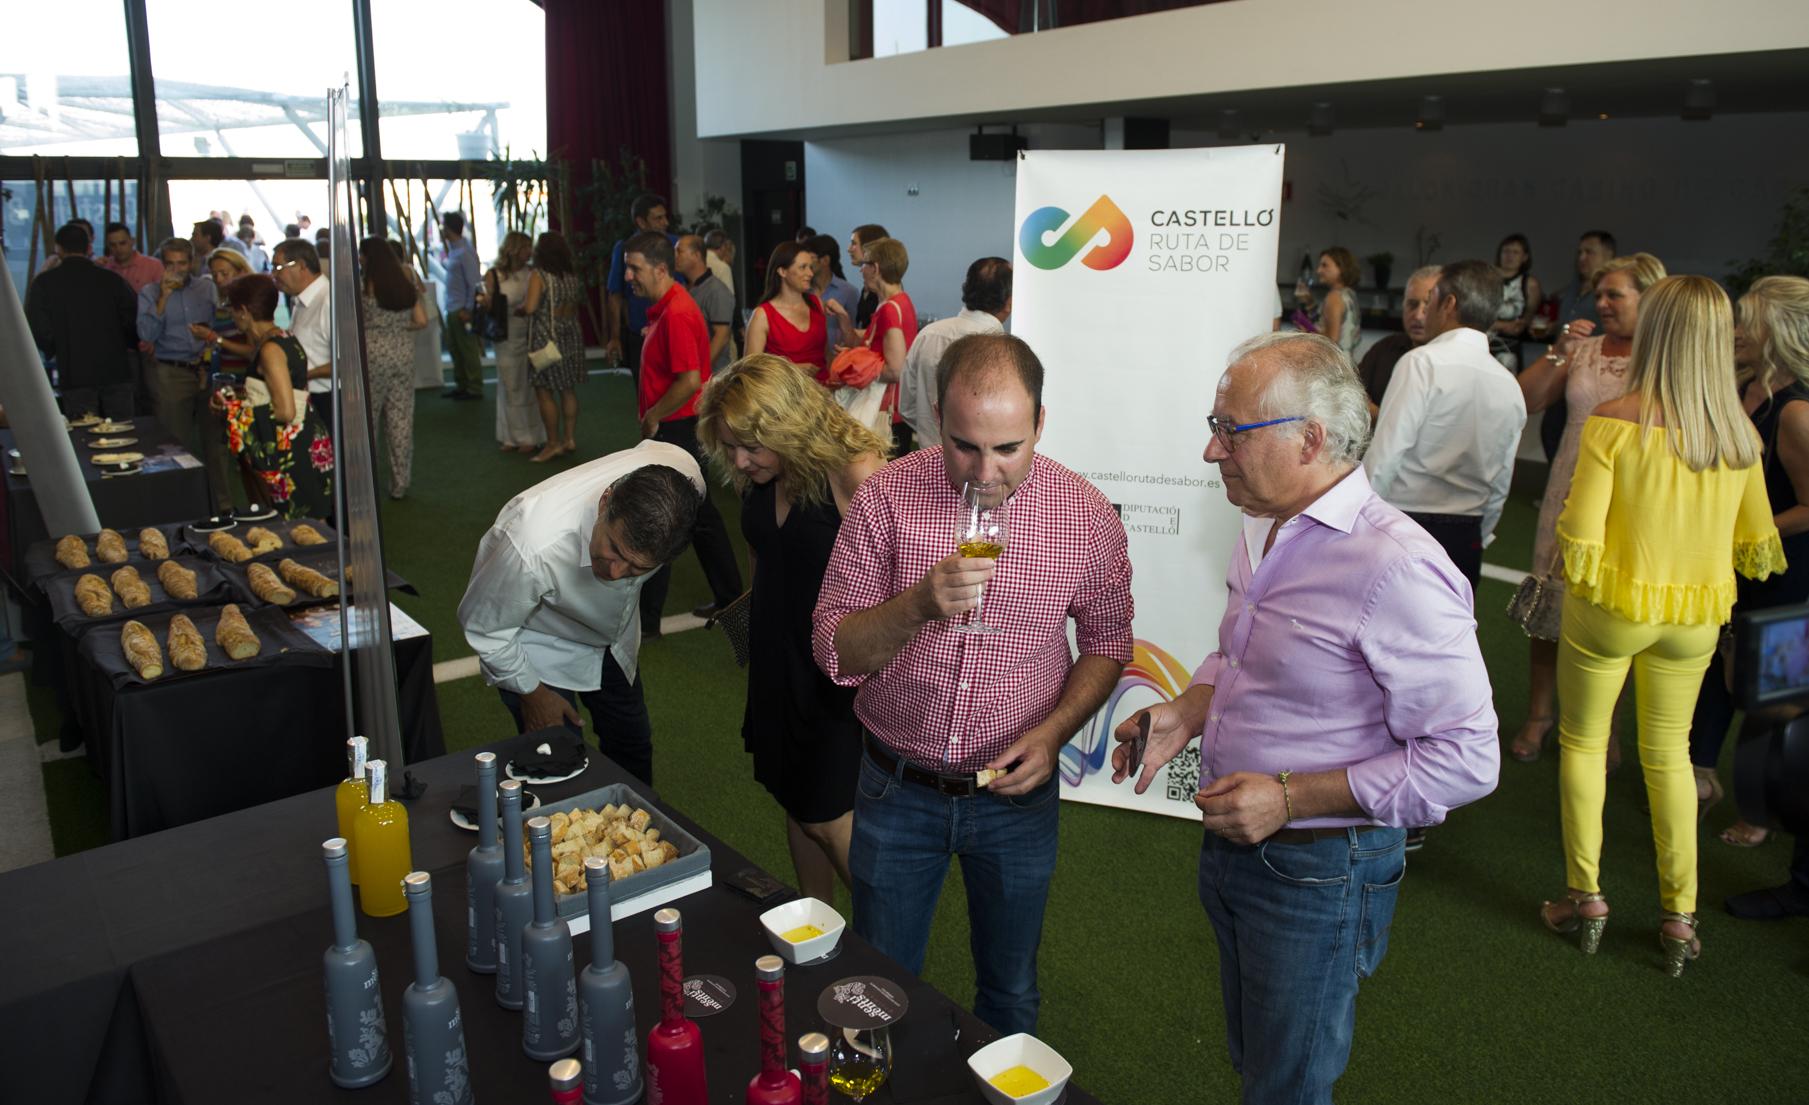 La Diputación impulsa la gastronomía como revulsivo turístico en 38 municipios con tres grandes jornadas hasta finales de año